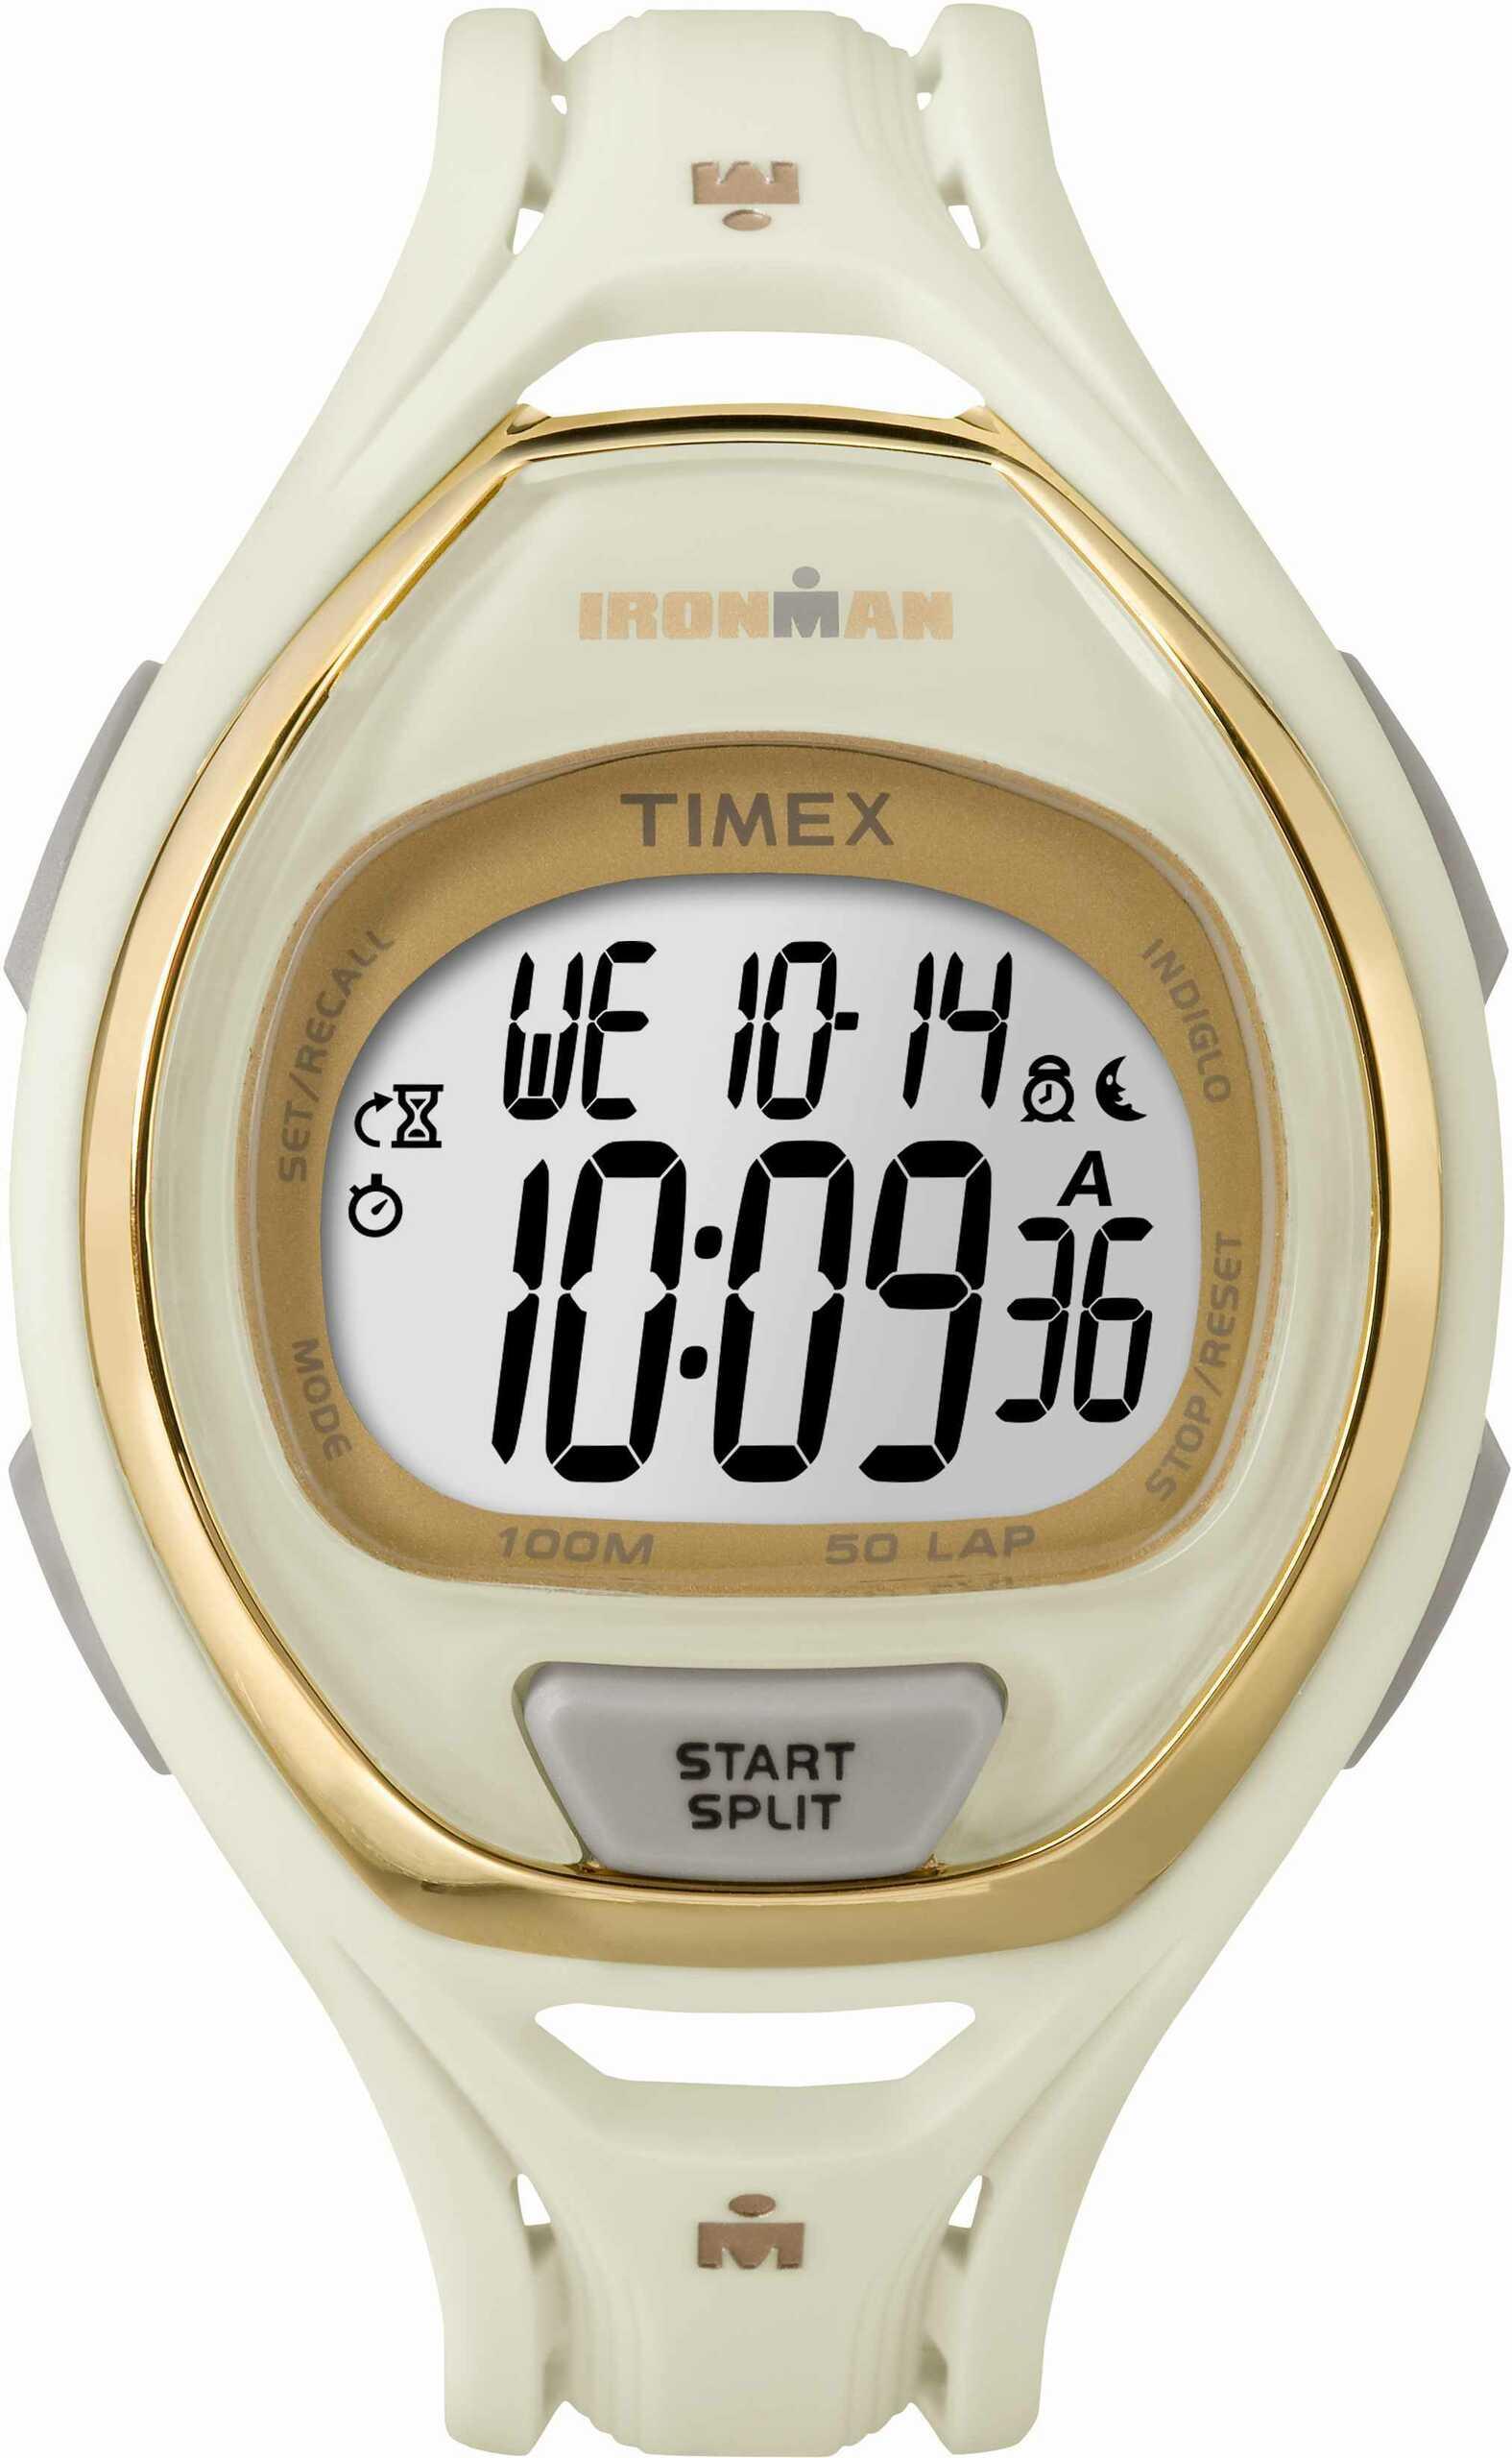 Timex TW5M06100 > Wysyłka tego samego dnia Grawer 0zł Darmowa dostawa Kurierem/Inpost Darmowy zwrot przez 100 DNI